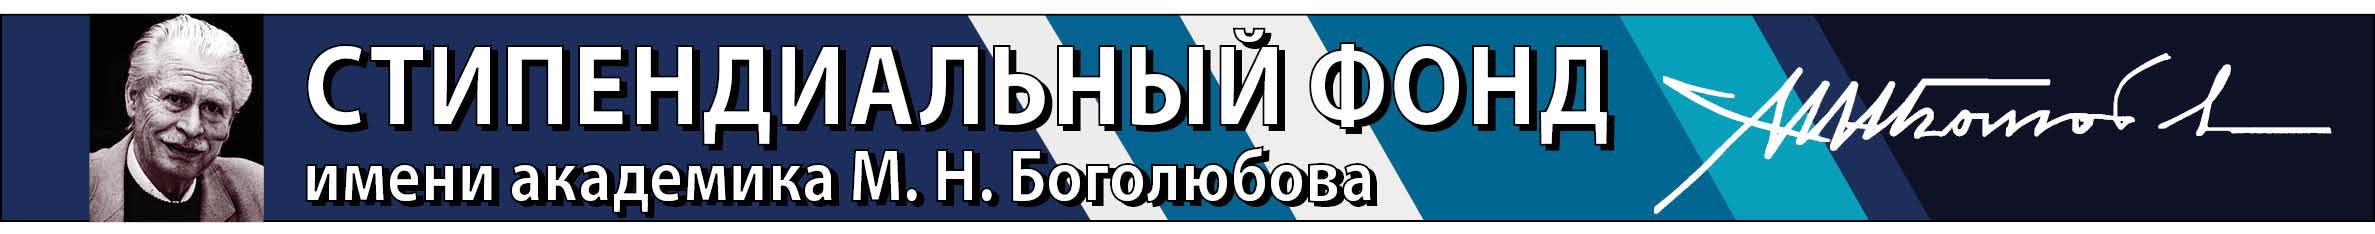 К 100-летию декана Восточного факультета СПбГУ,  академика М. Н. Боголюбова (1918–2010)